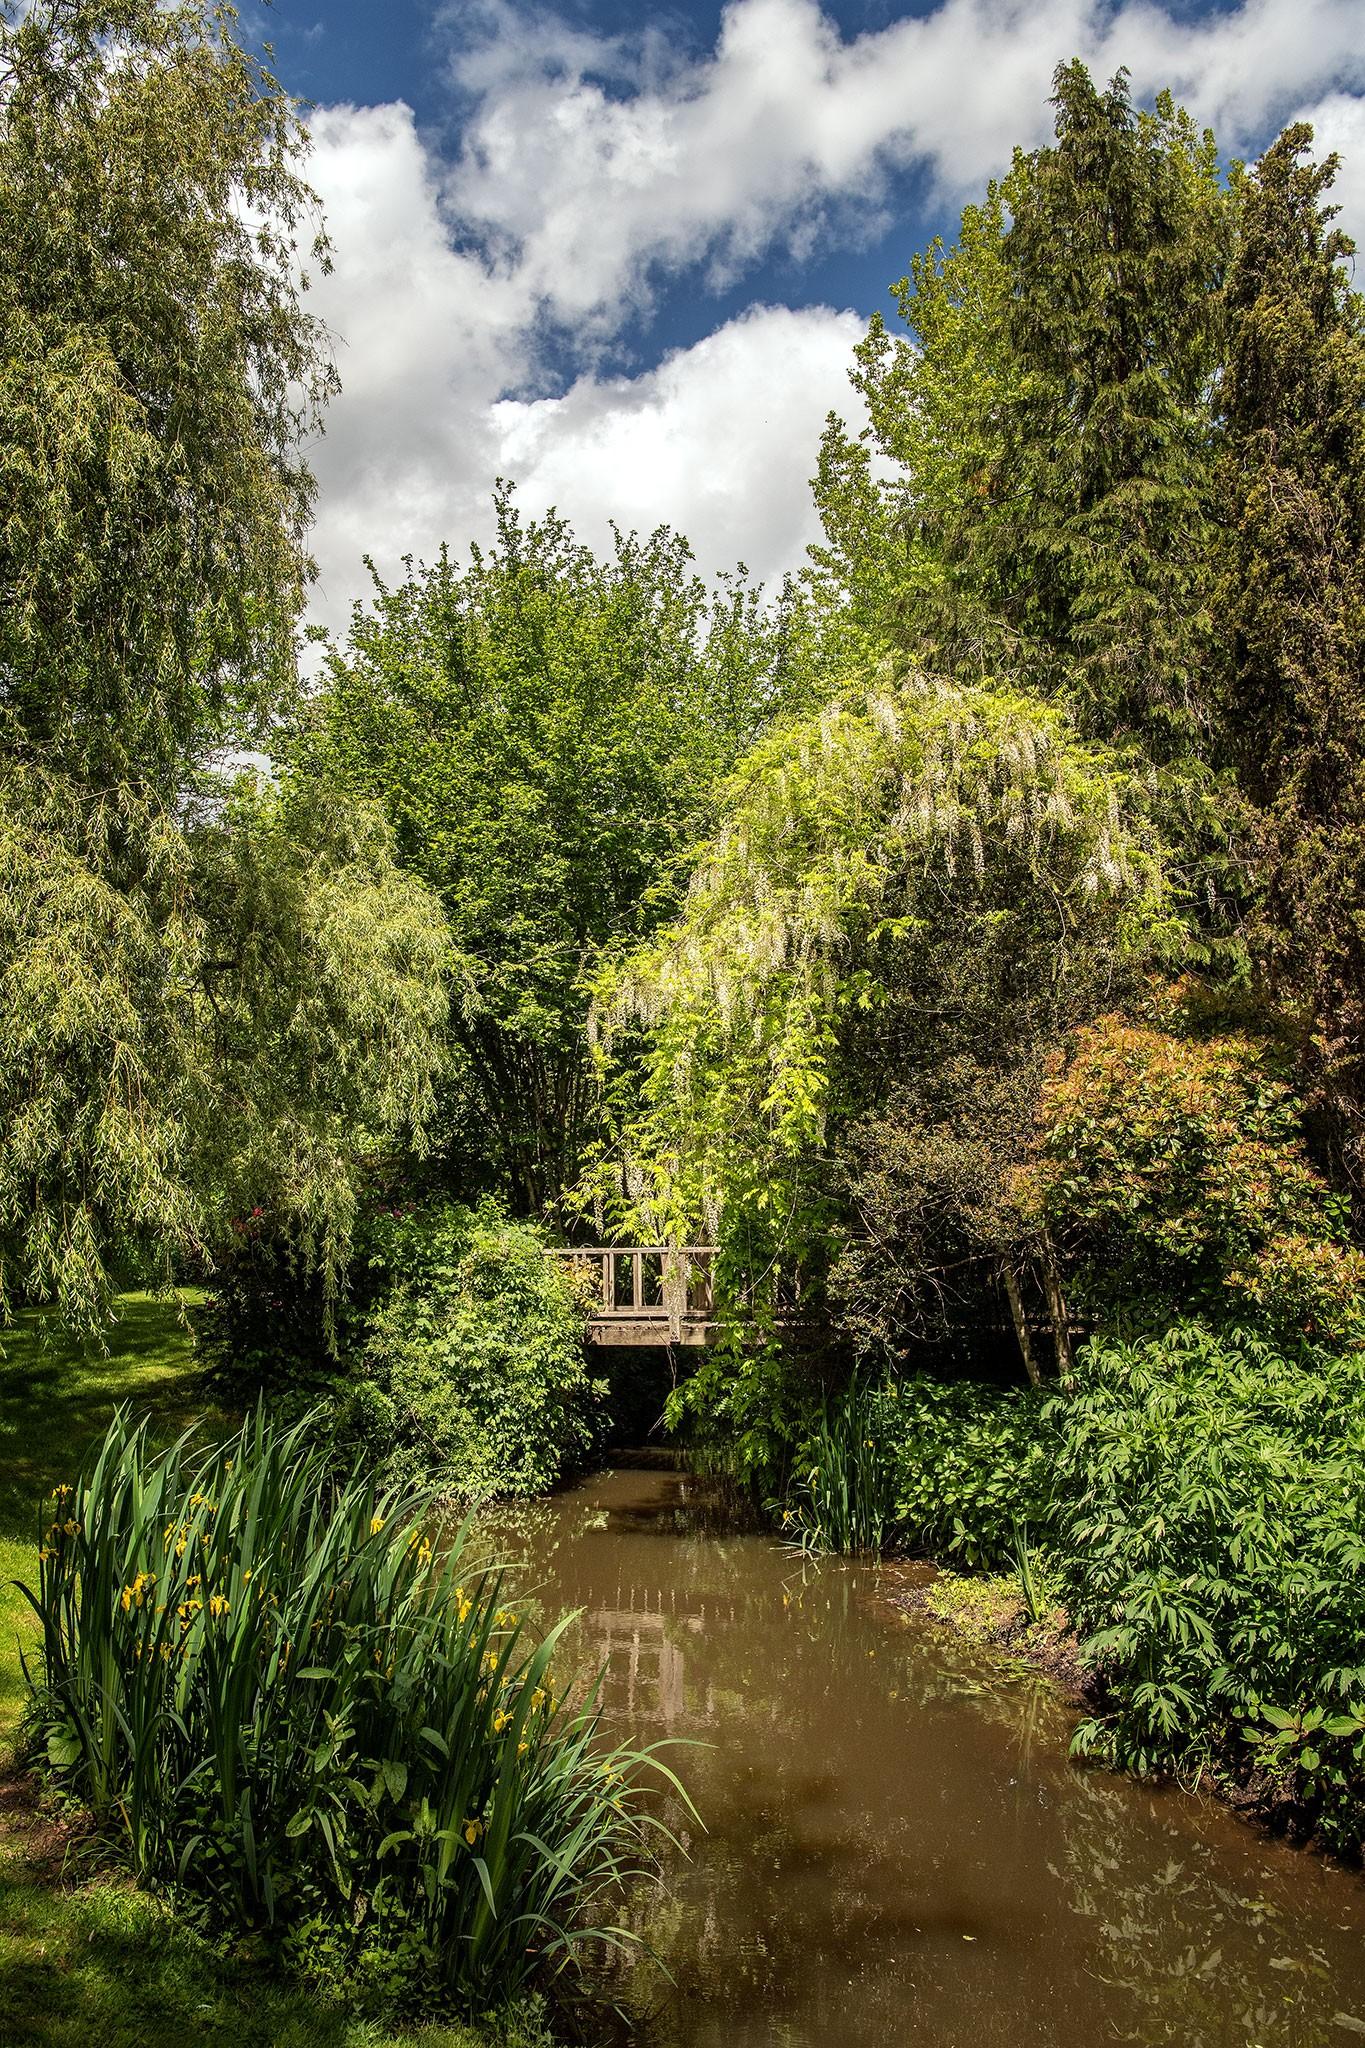 Les jardins tranquilles de Brantôme